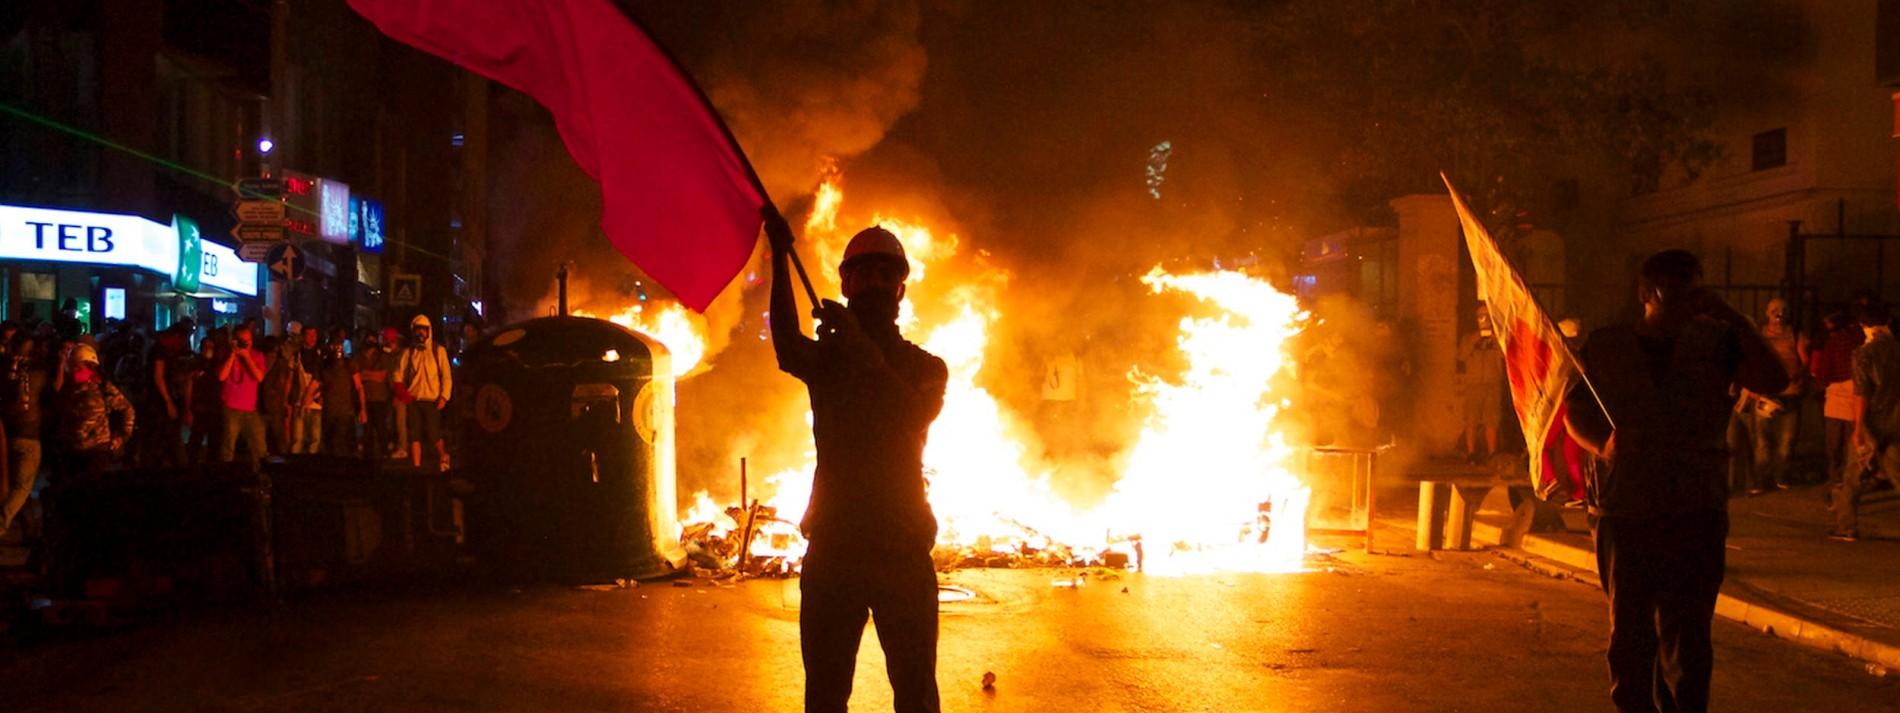 Wieder Gewalt in der Türkei